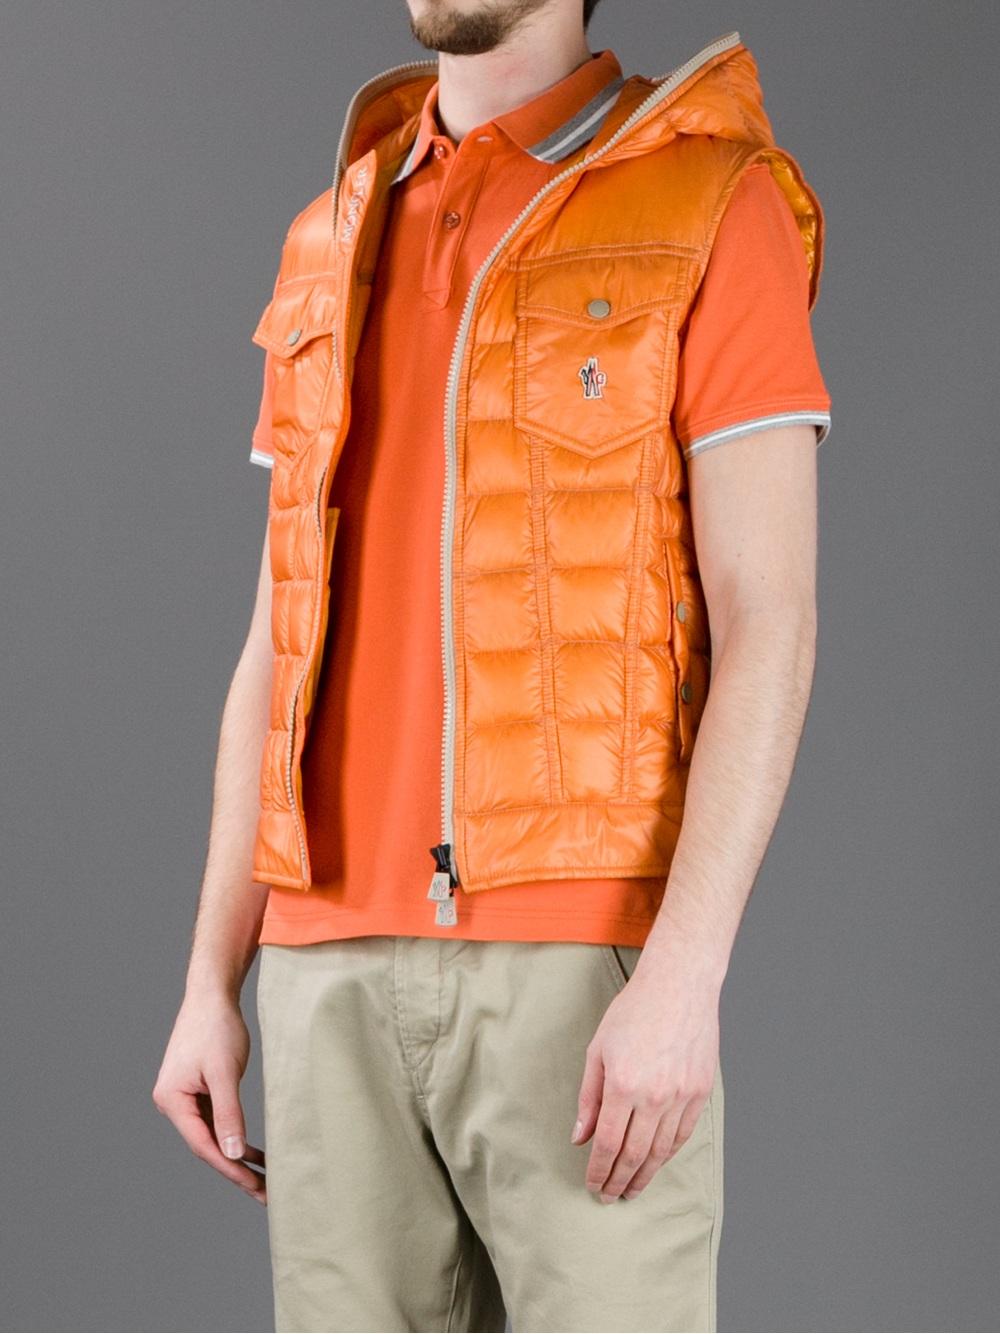 moncler orange gilet